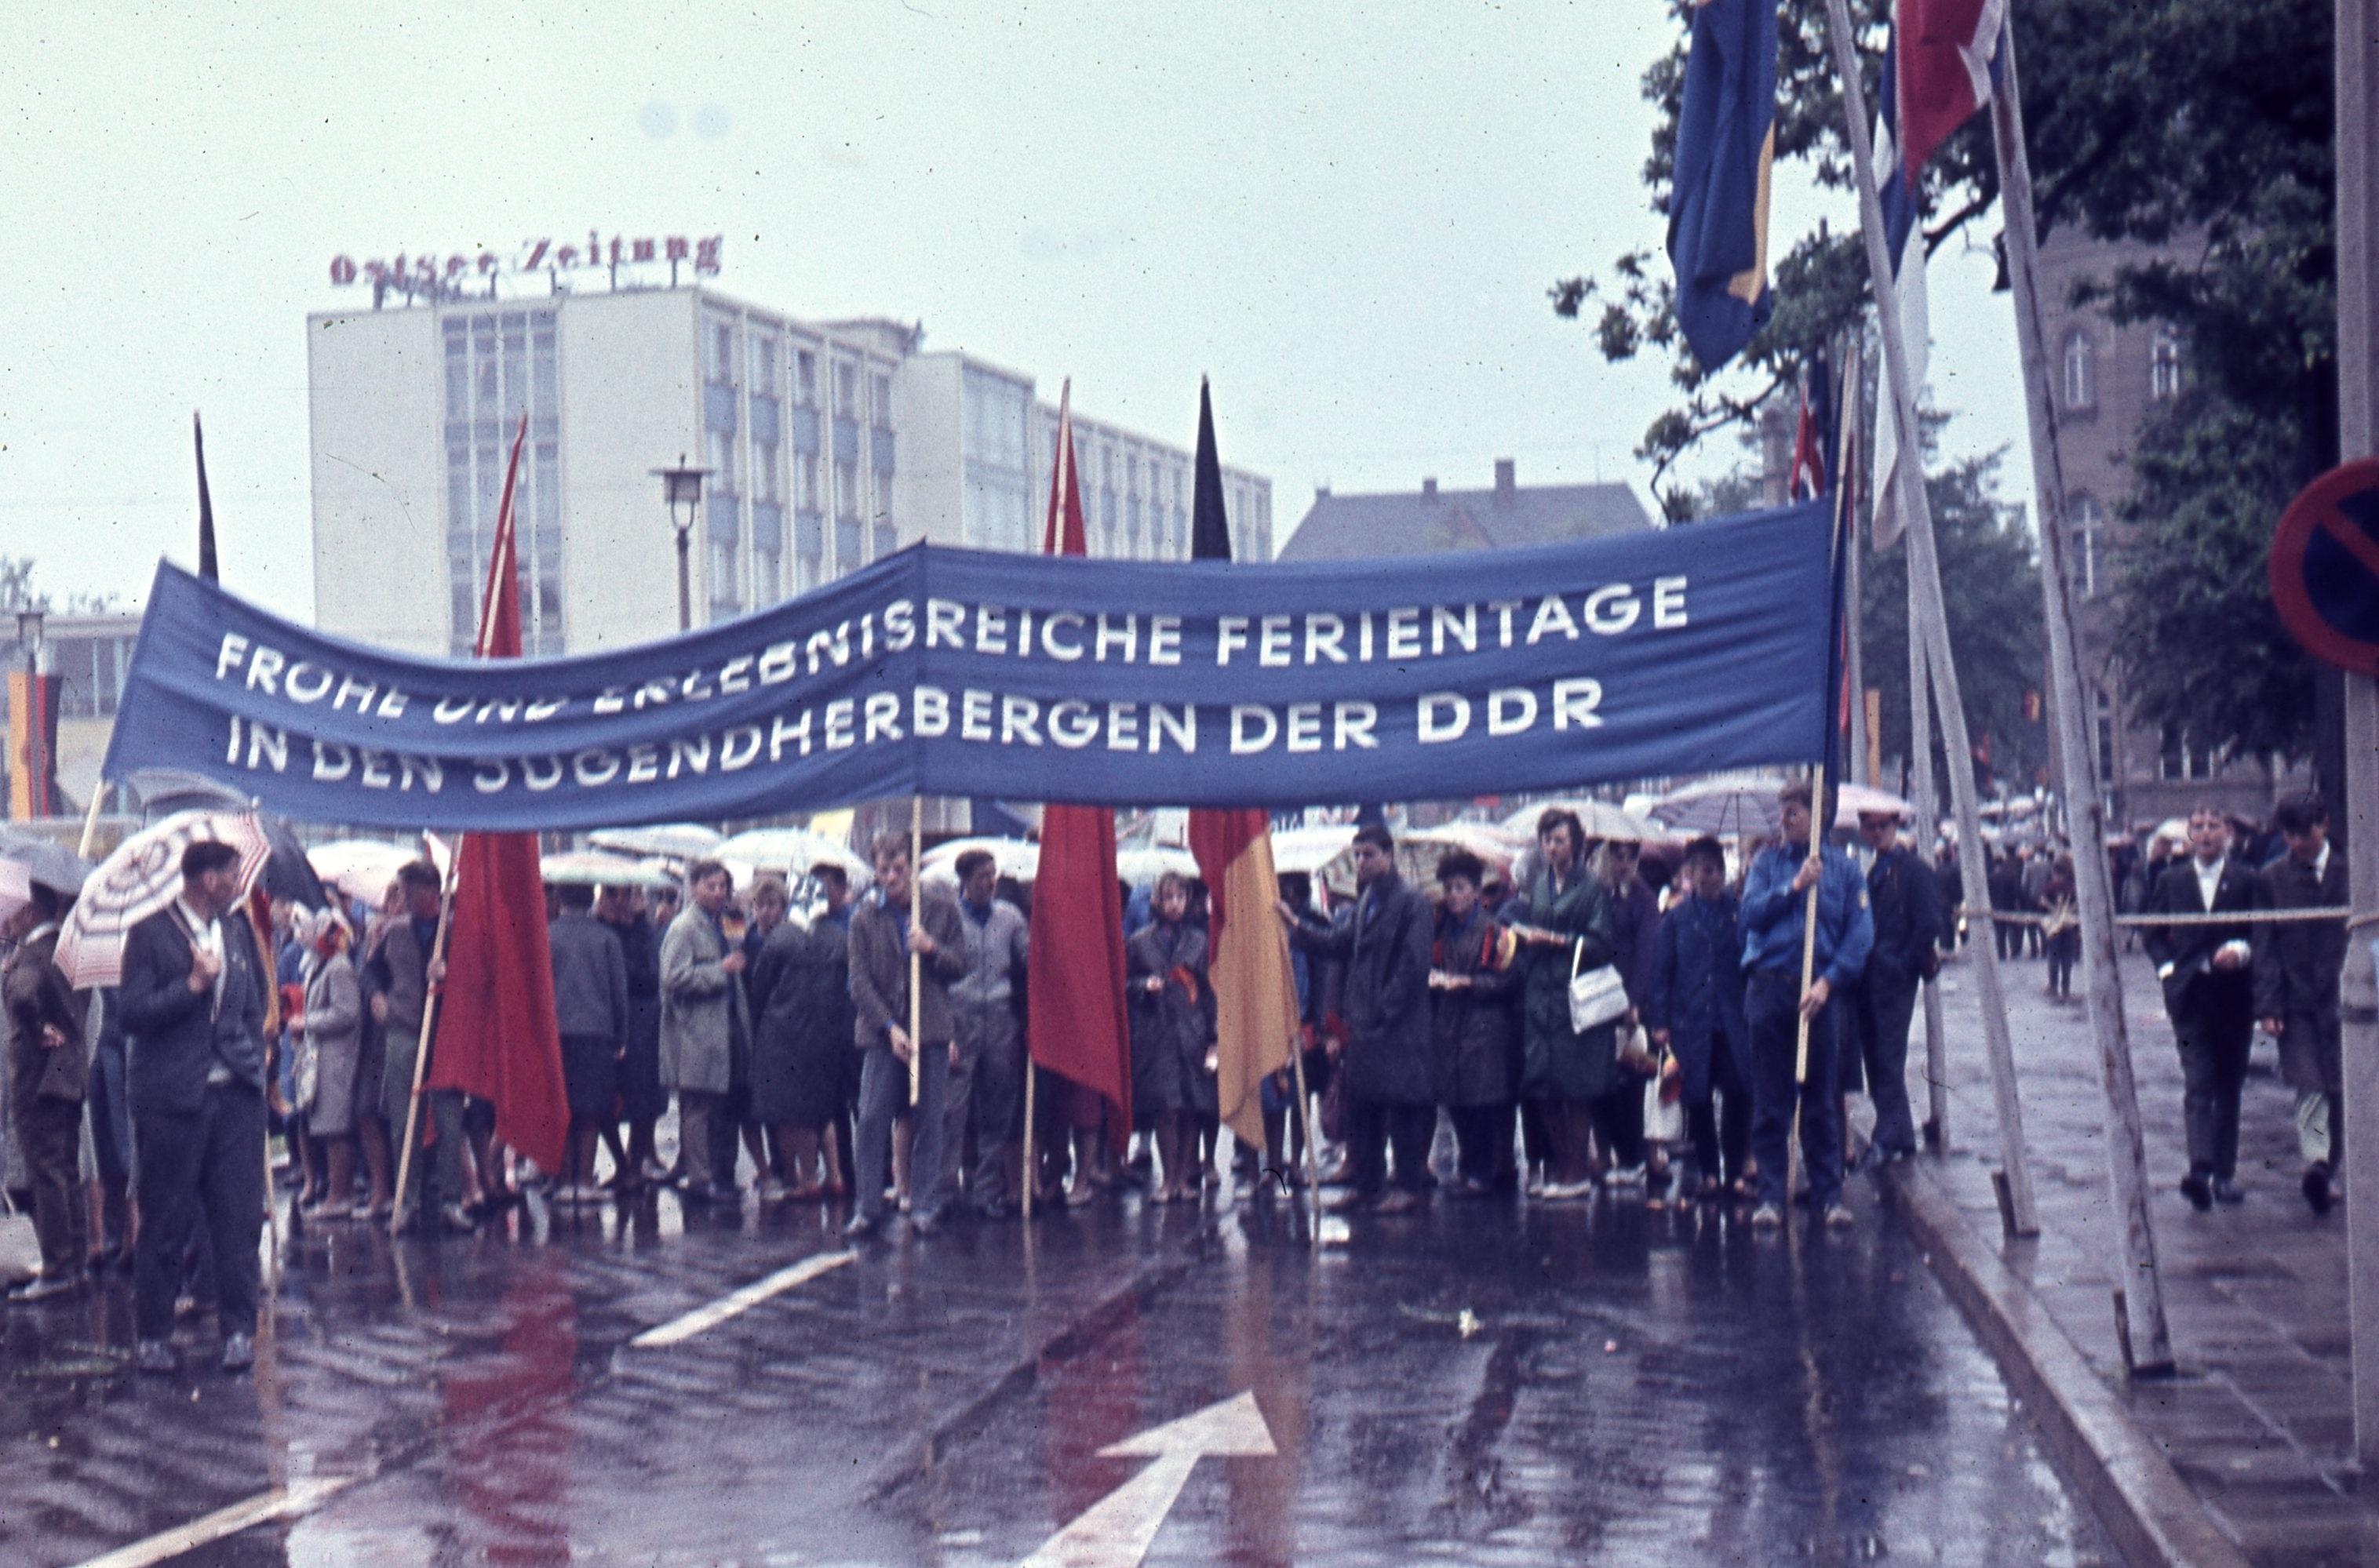 Frohe und erlebnisreiche Ferientage in den Jugendherbergen der DDR